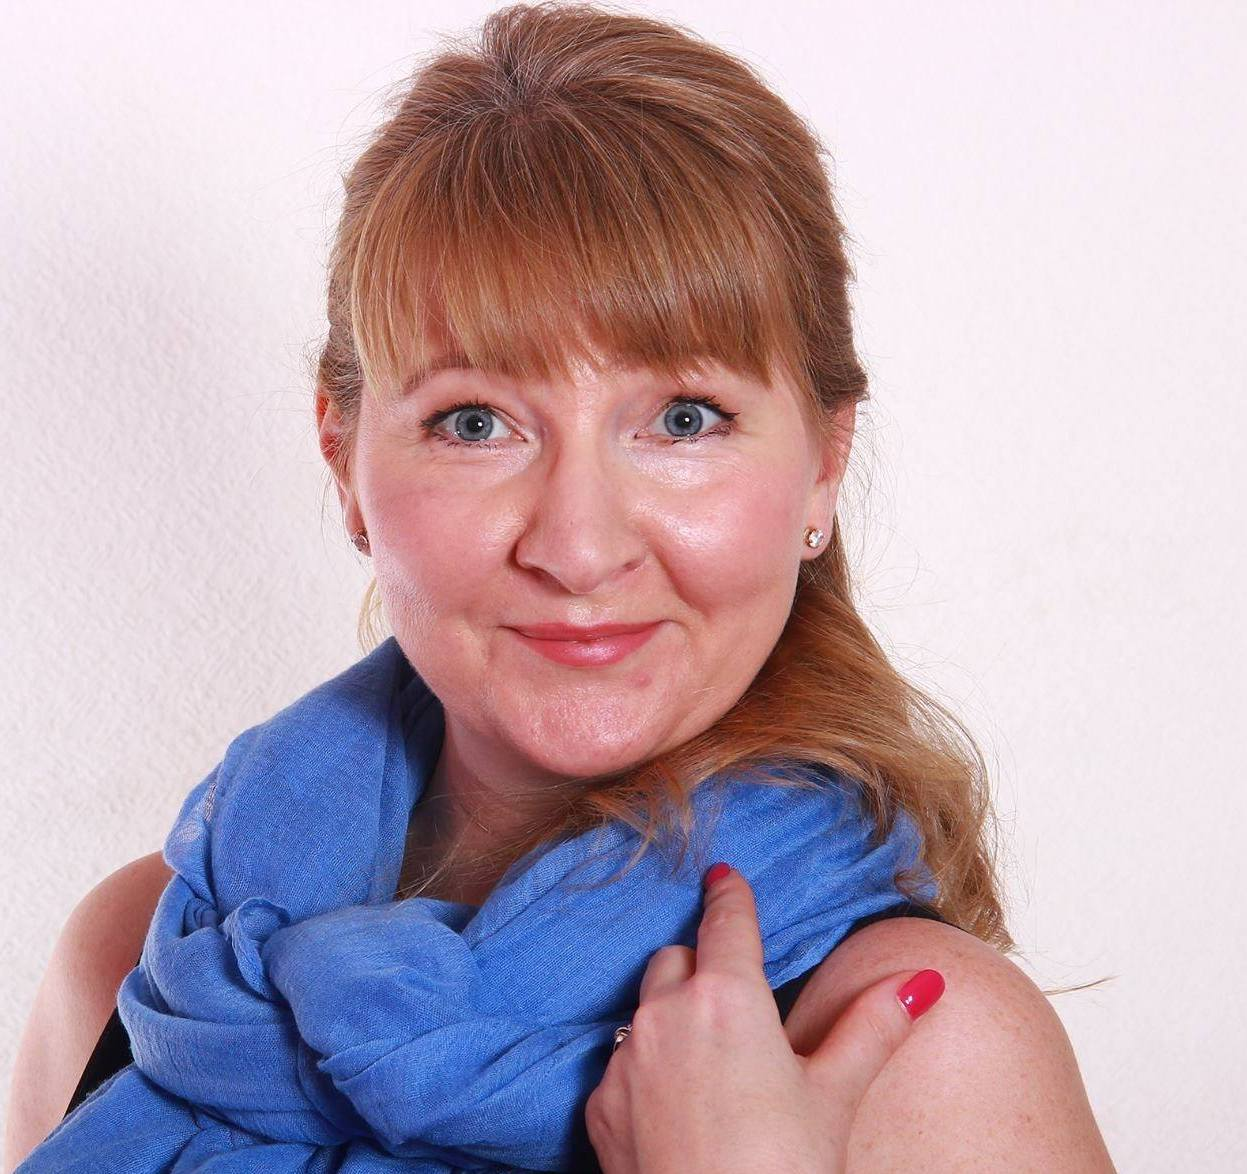 Нечаева Ольга, руководитель проектов СЭД СИАМ консалтинг